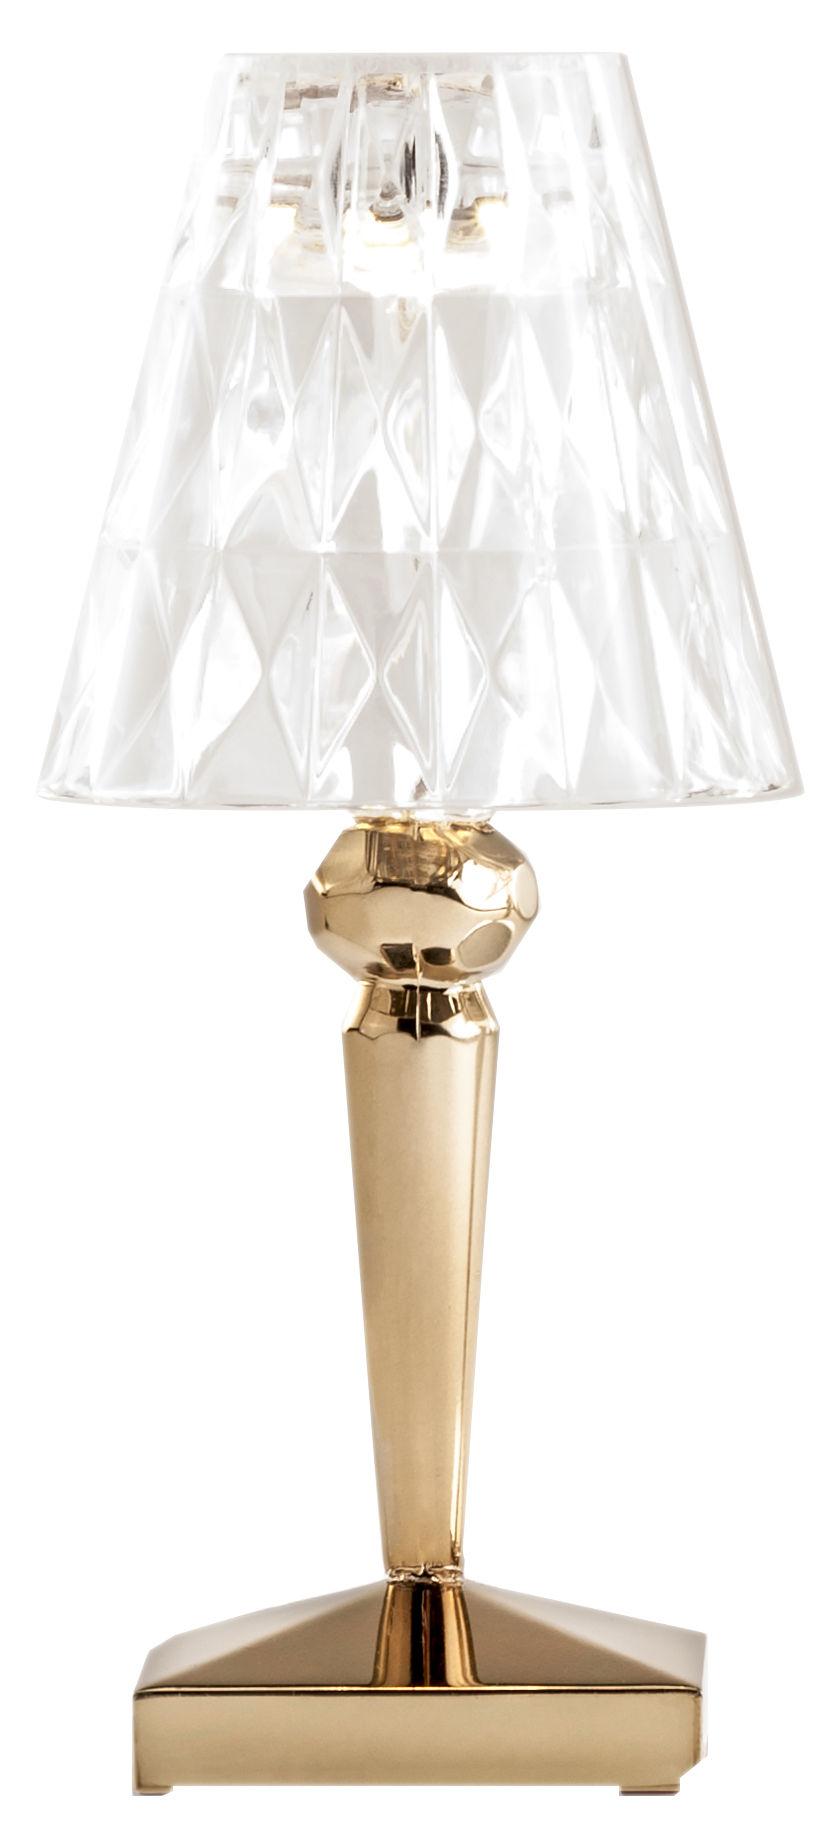 lampe ohne kabel battery led von kartell gold made in. Black Bedroom Furniture Sets. Home Design Ideas